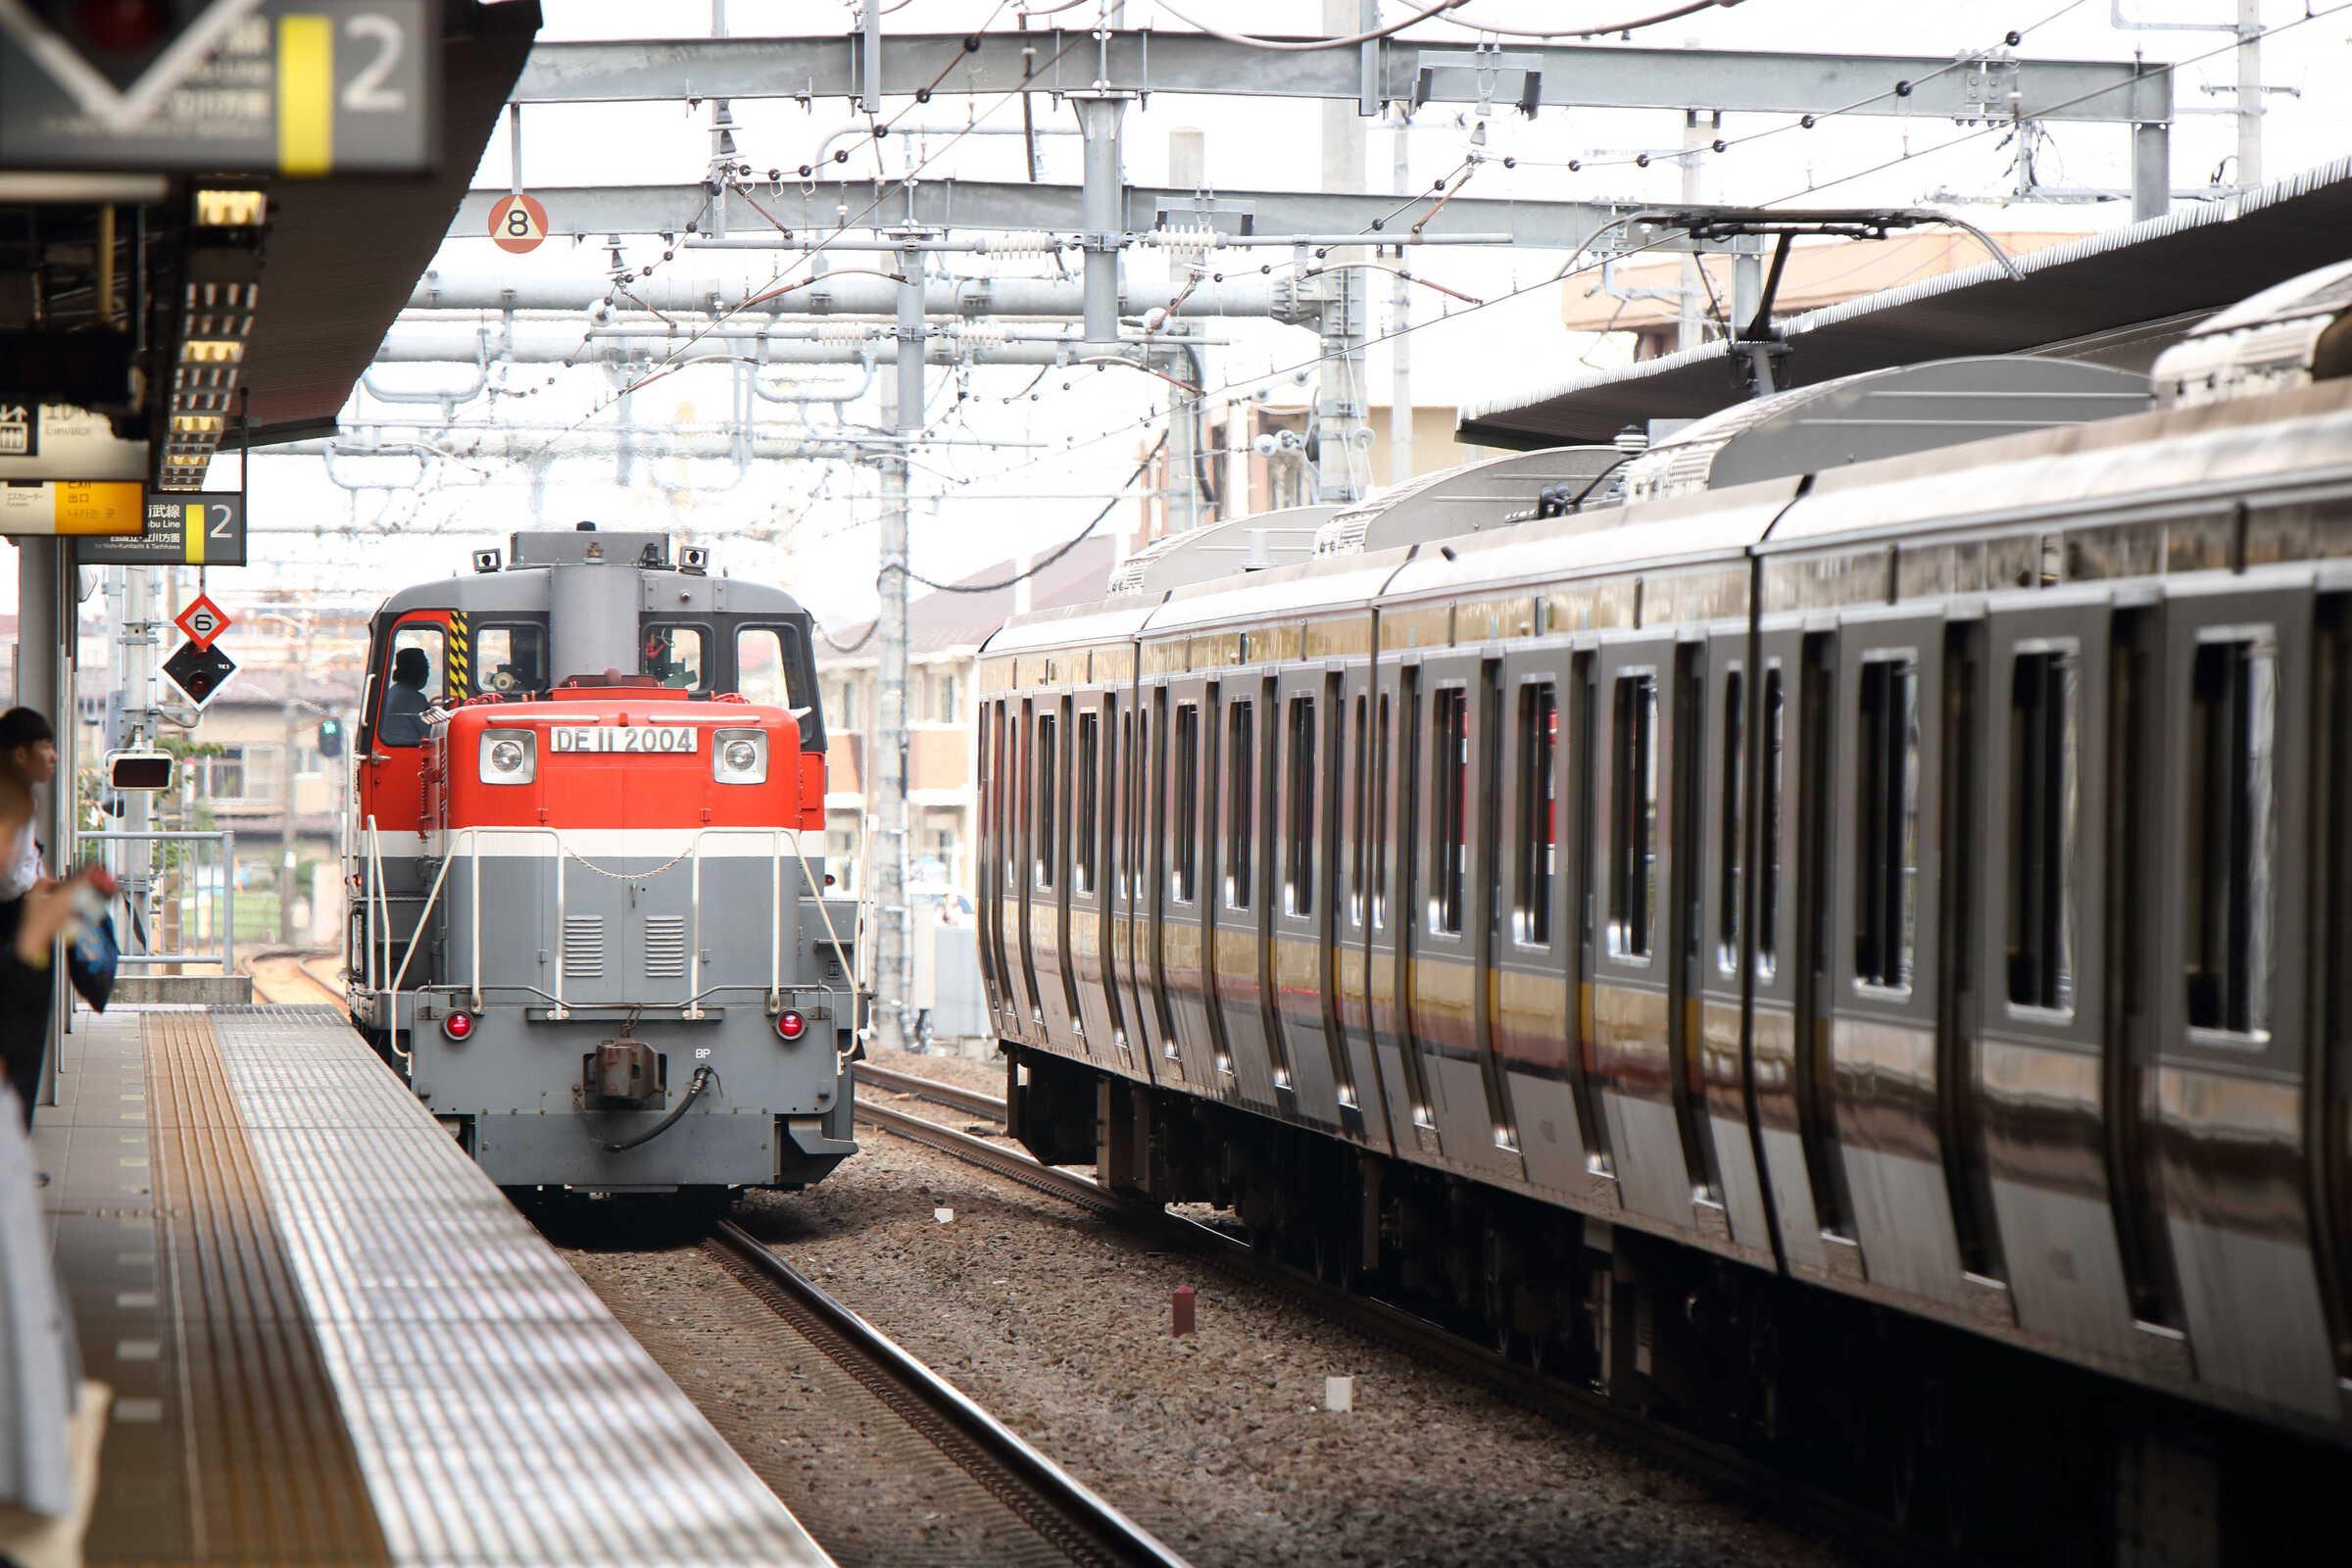 単8493列車 拝島入換機送り込み DE11-2004[新]<臨A1103>